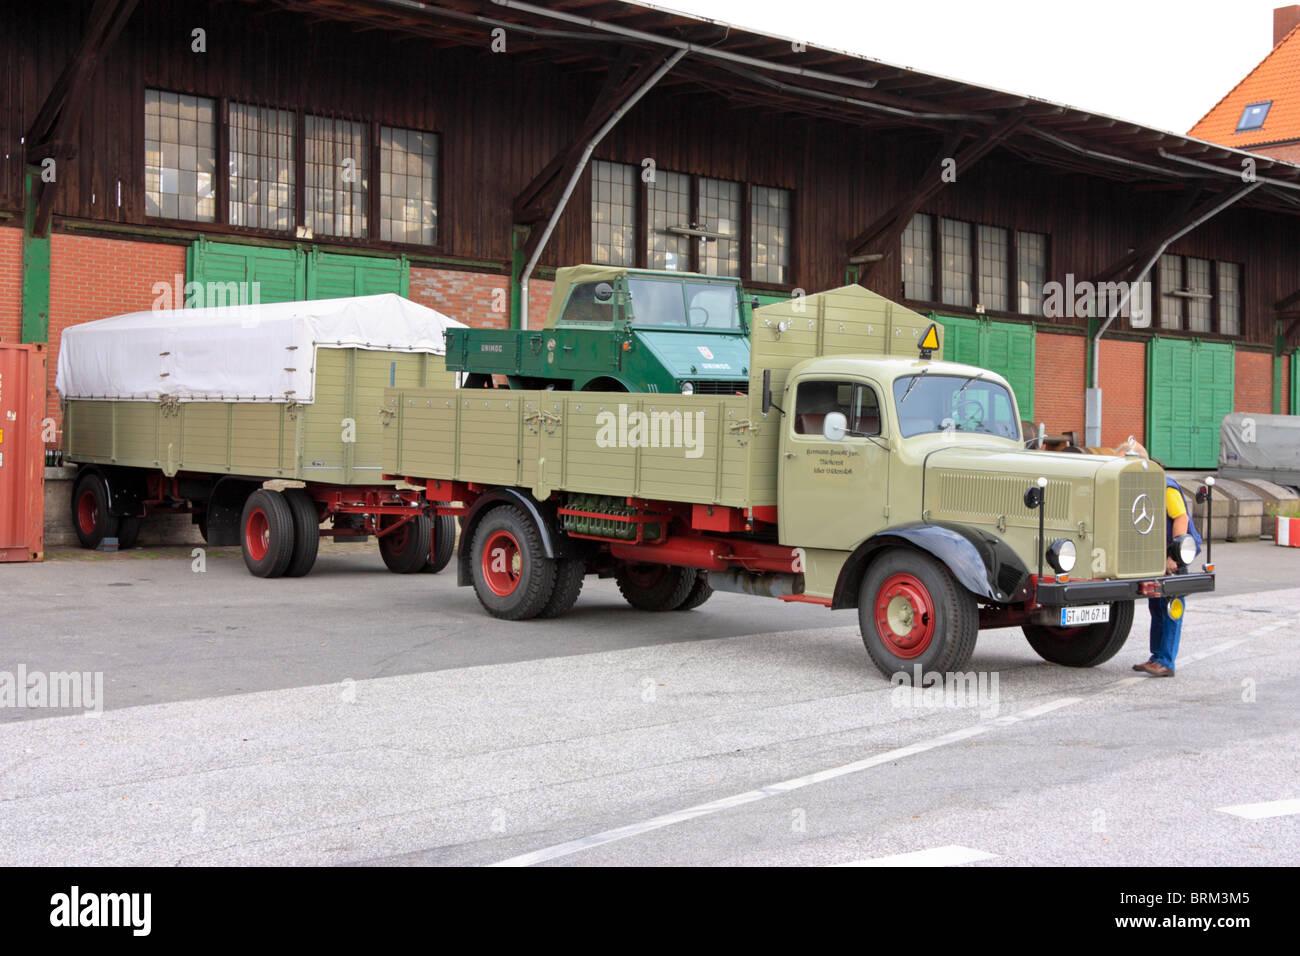 einen alten mercedes truck mit anh nger stockfoto bild. Black Bedroom Furniture Sets. Home Design Ideas